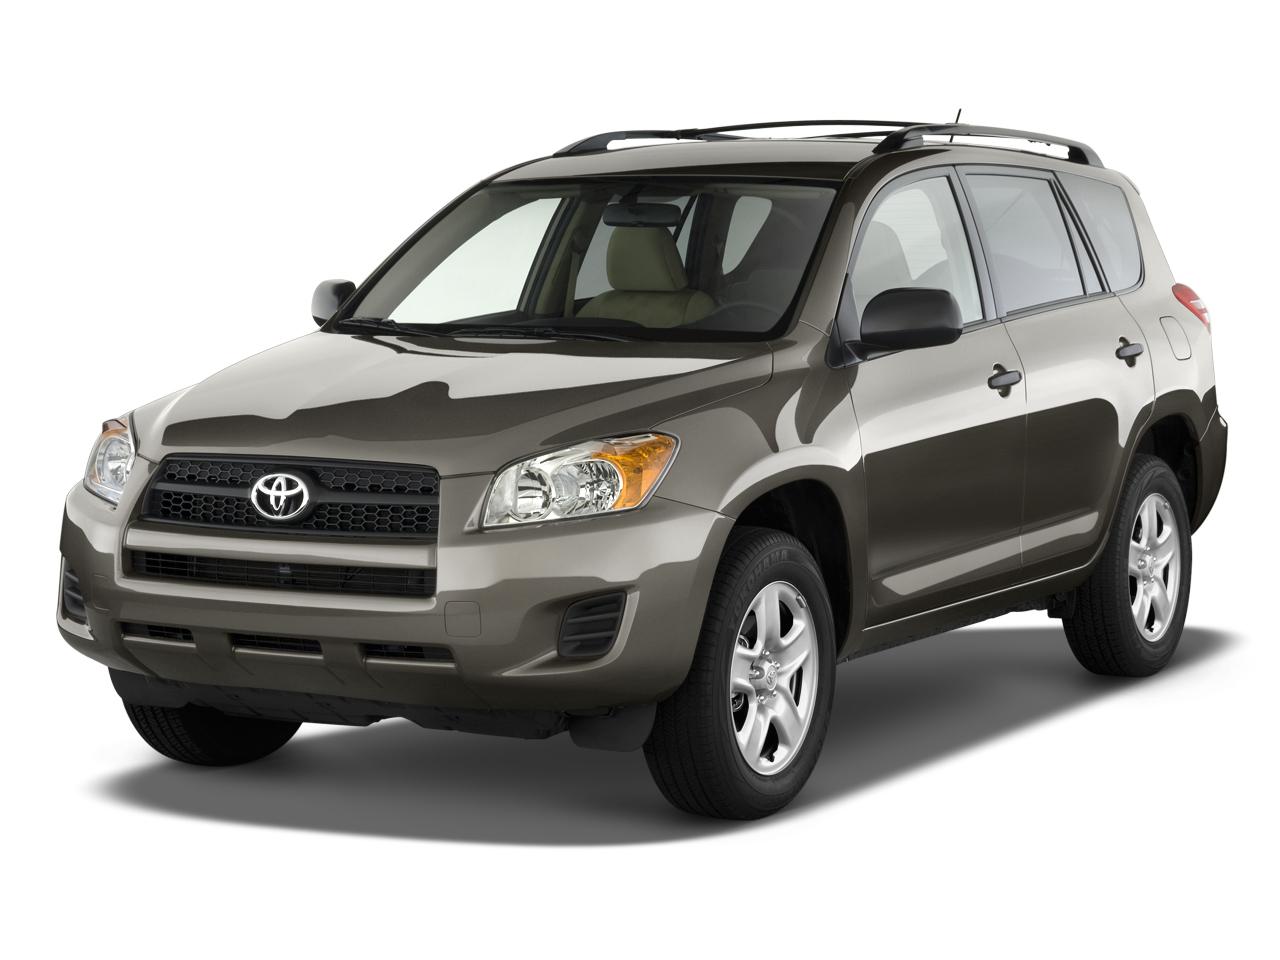 Kelebihan Toyota 2011 Murah Berkualitas